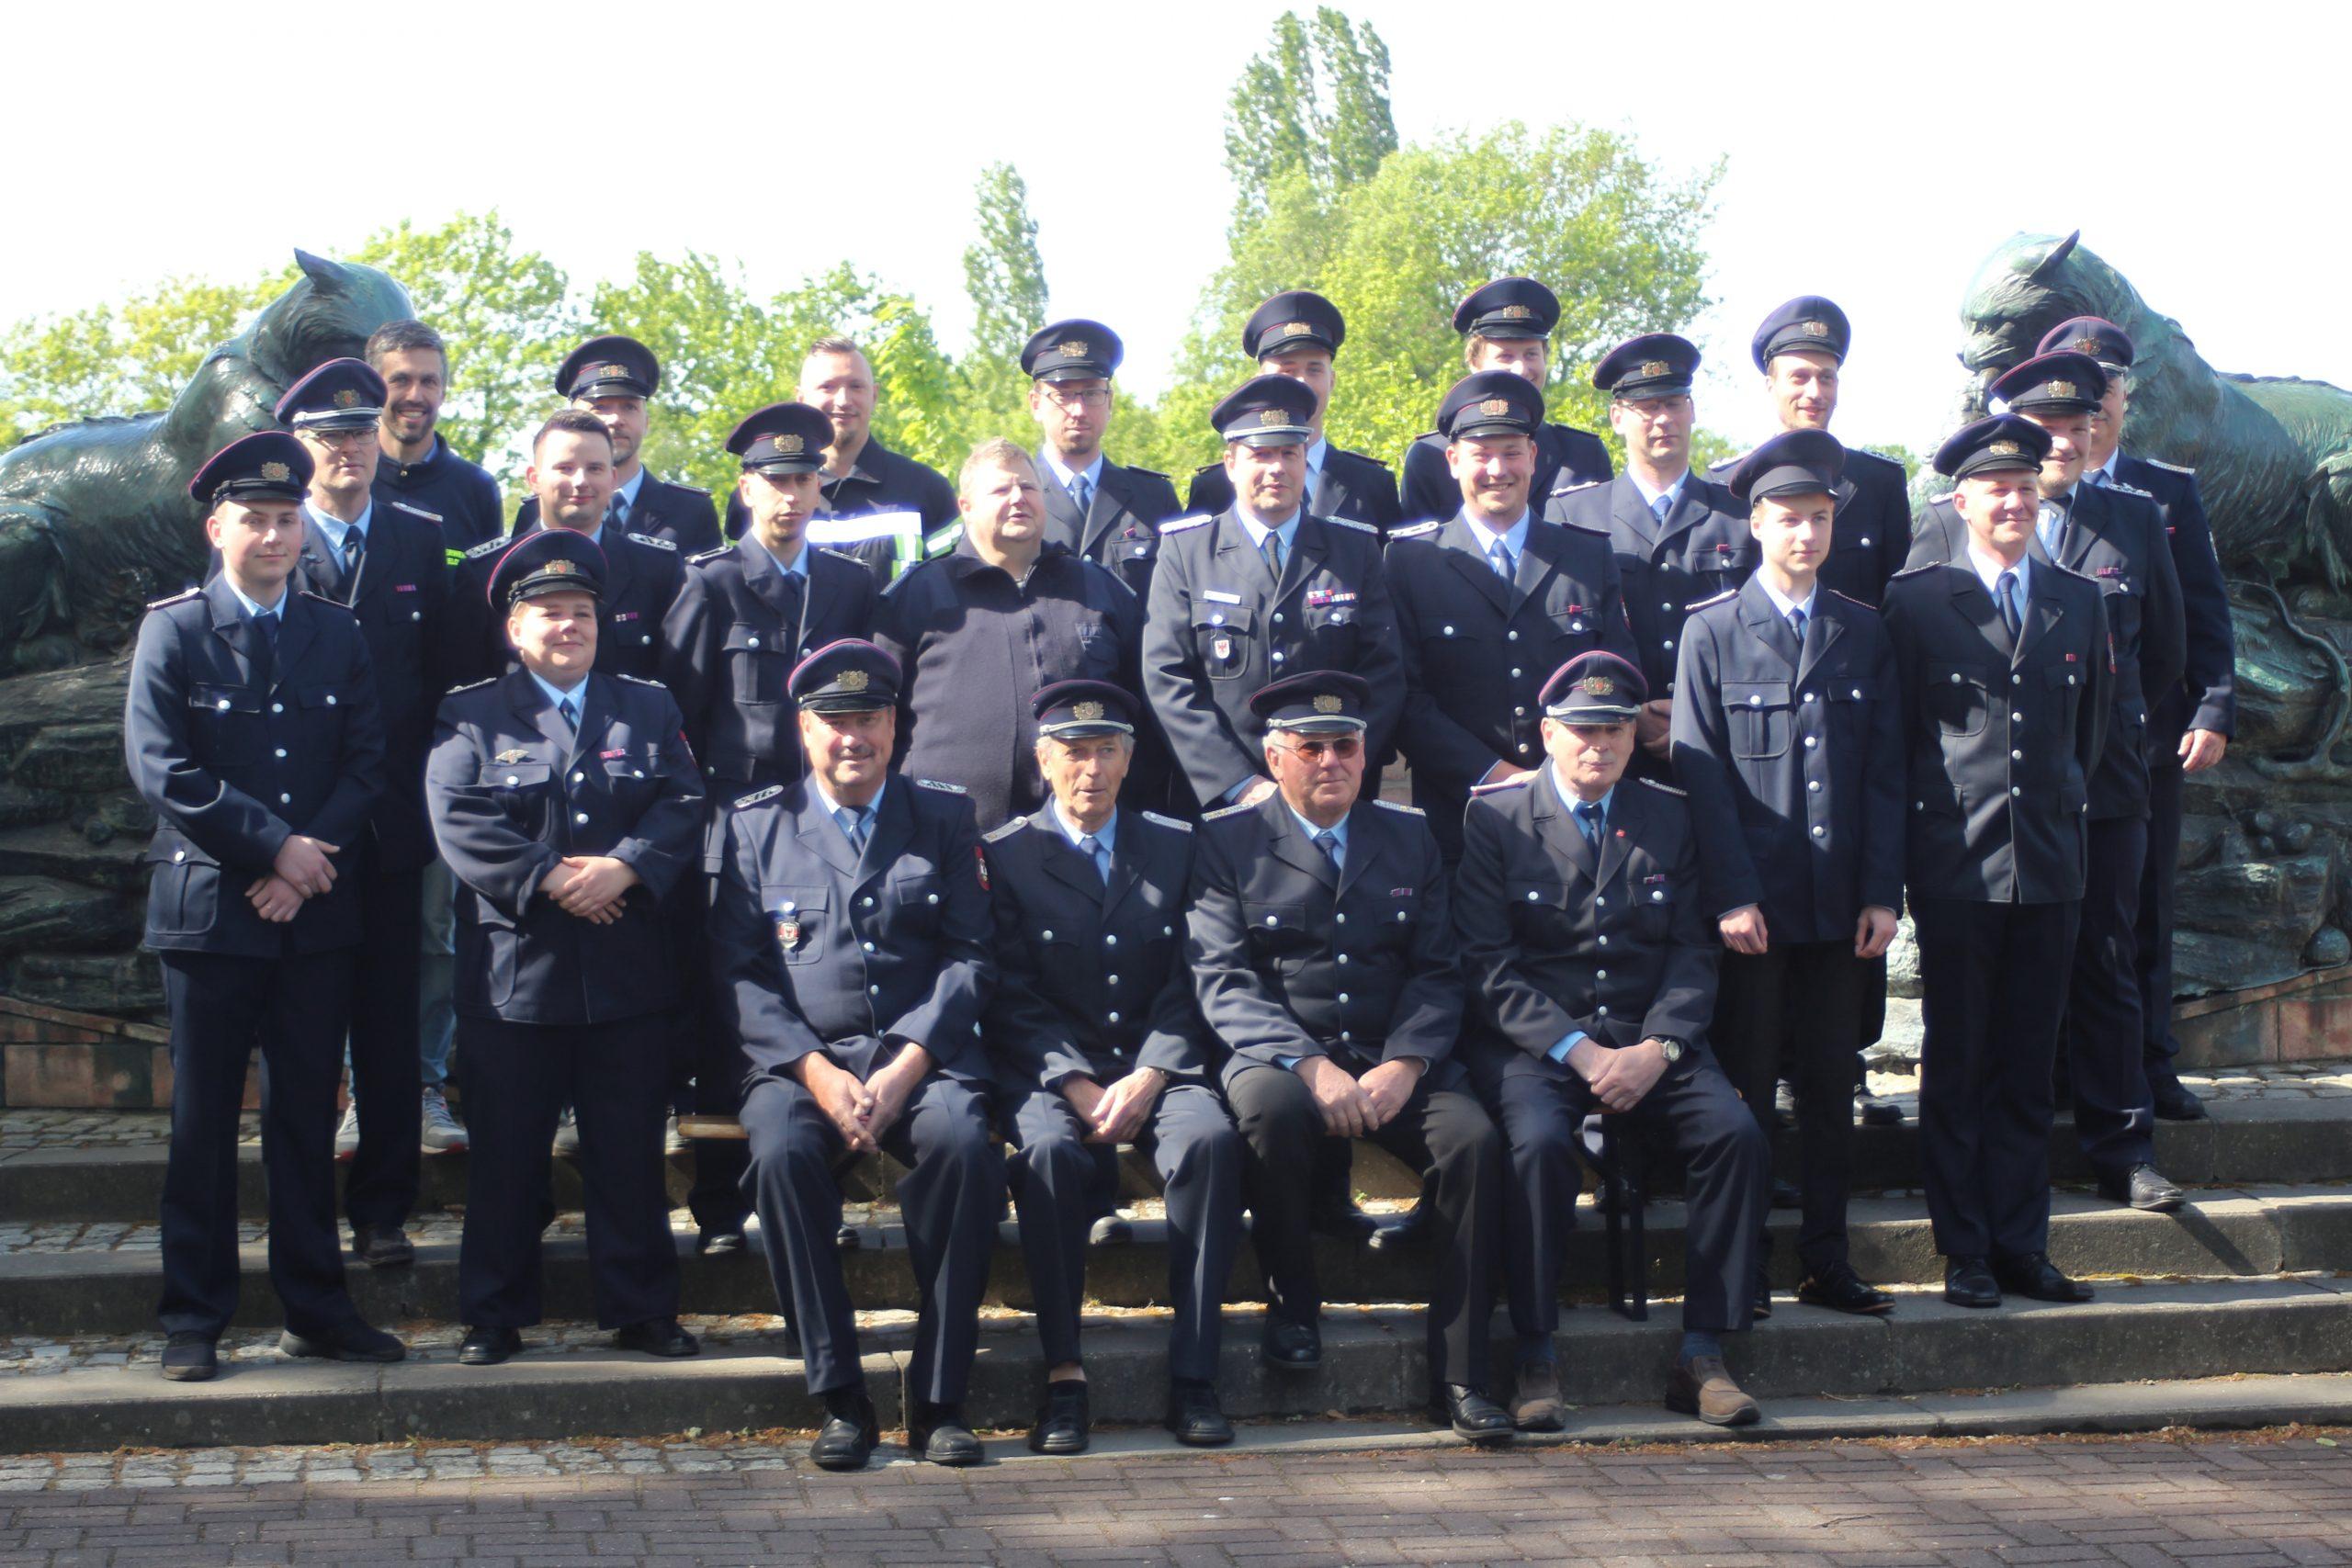 Gruppenfoto aller Kameraden der Feuerwehr, in Uniform an der Baumgartenbrück.